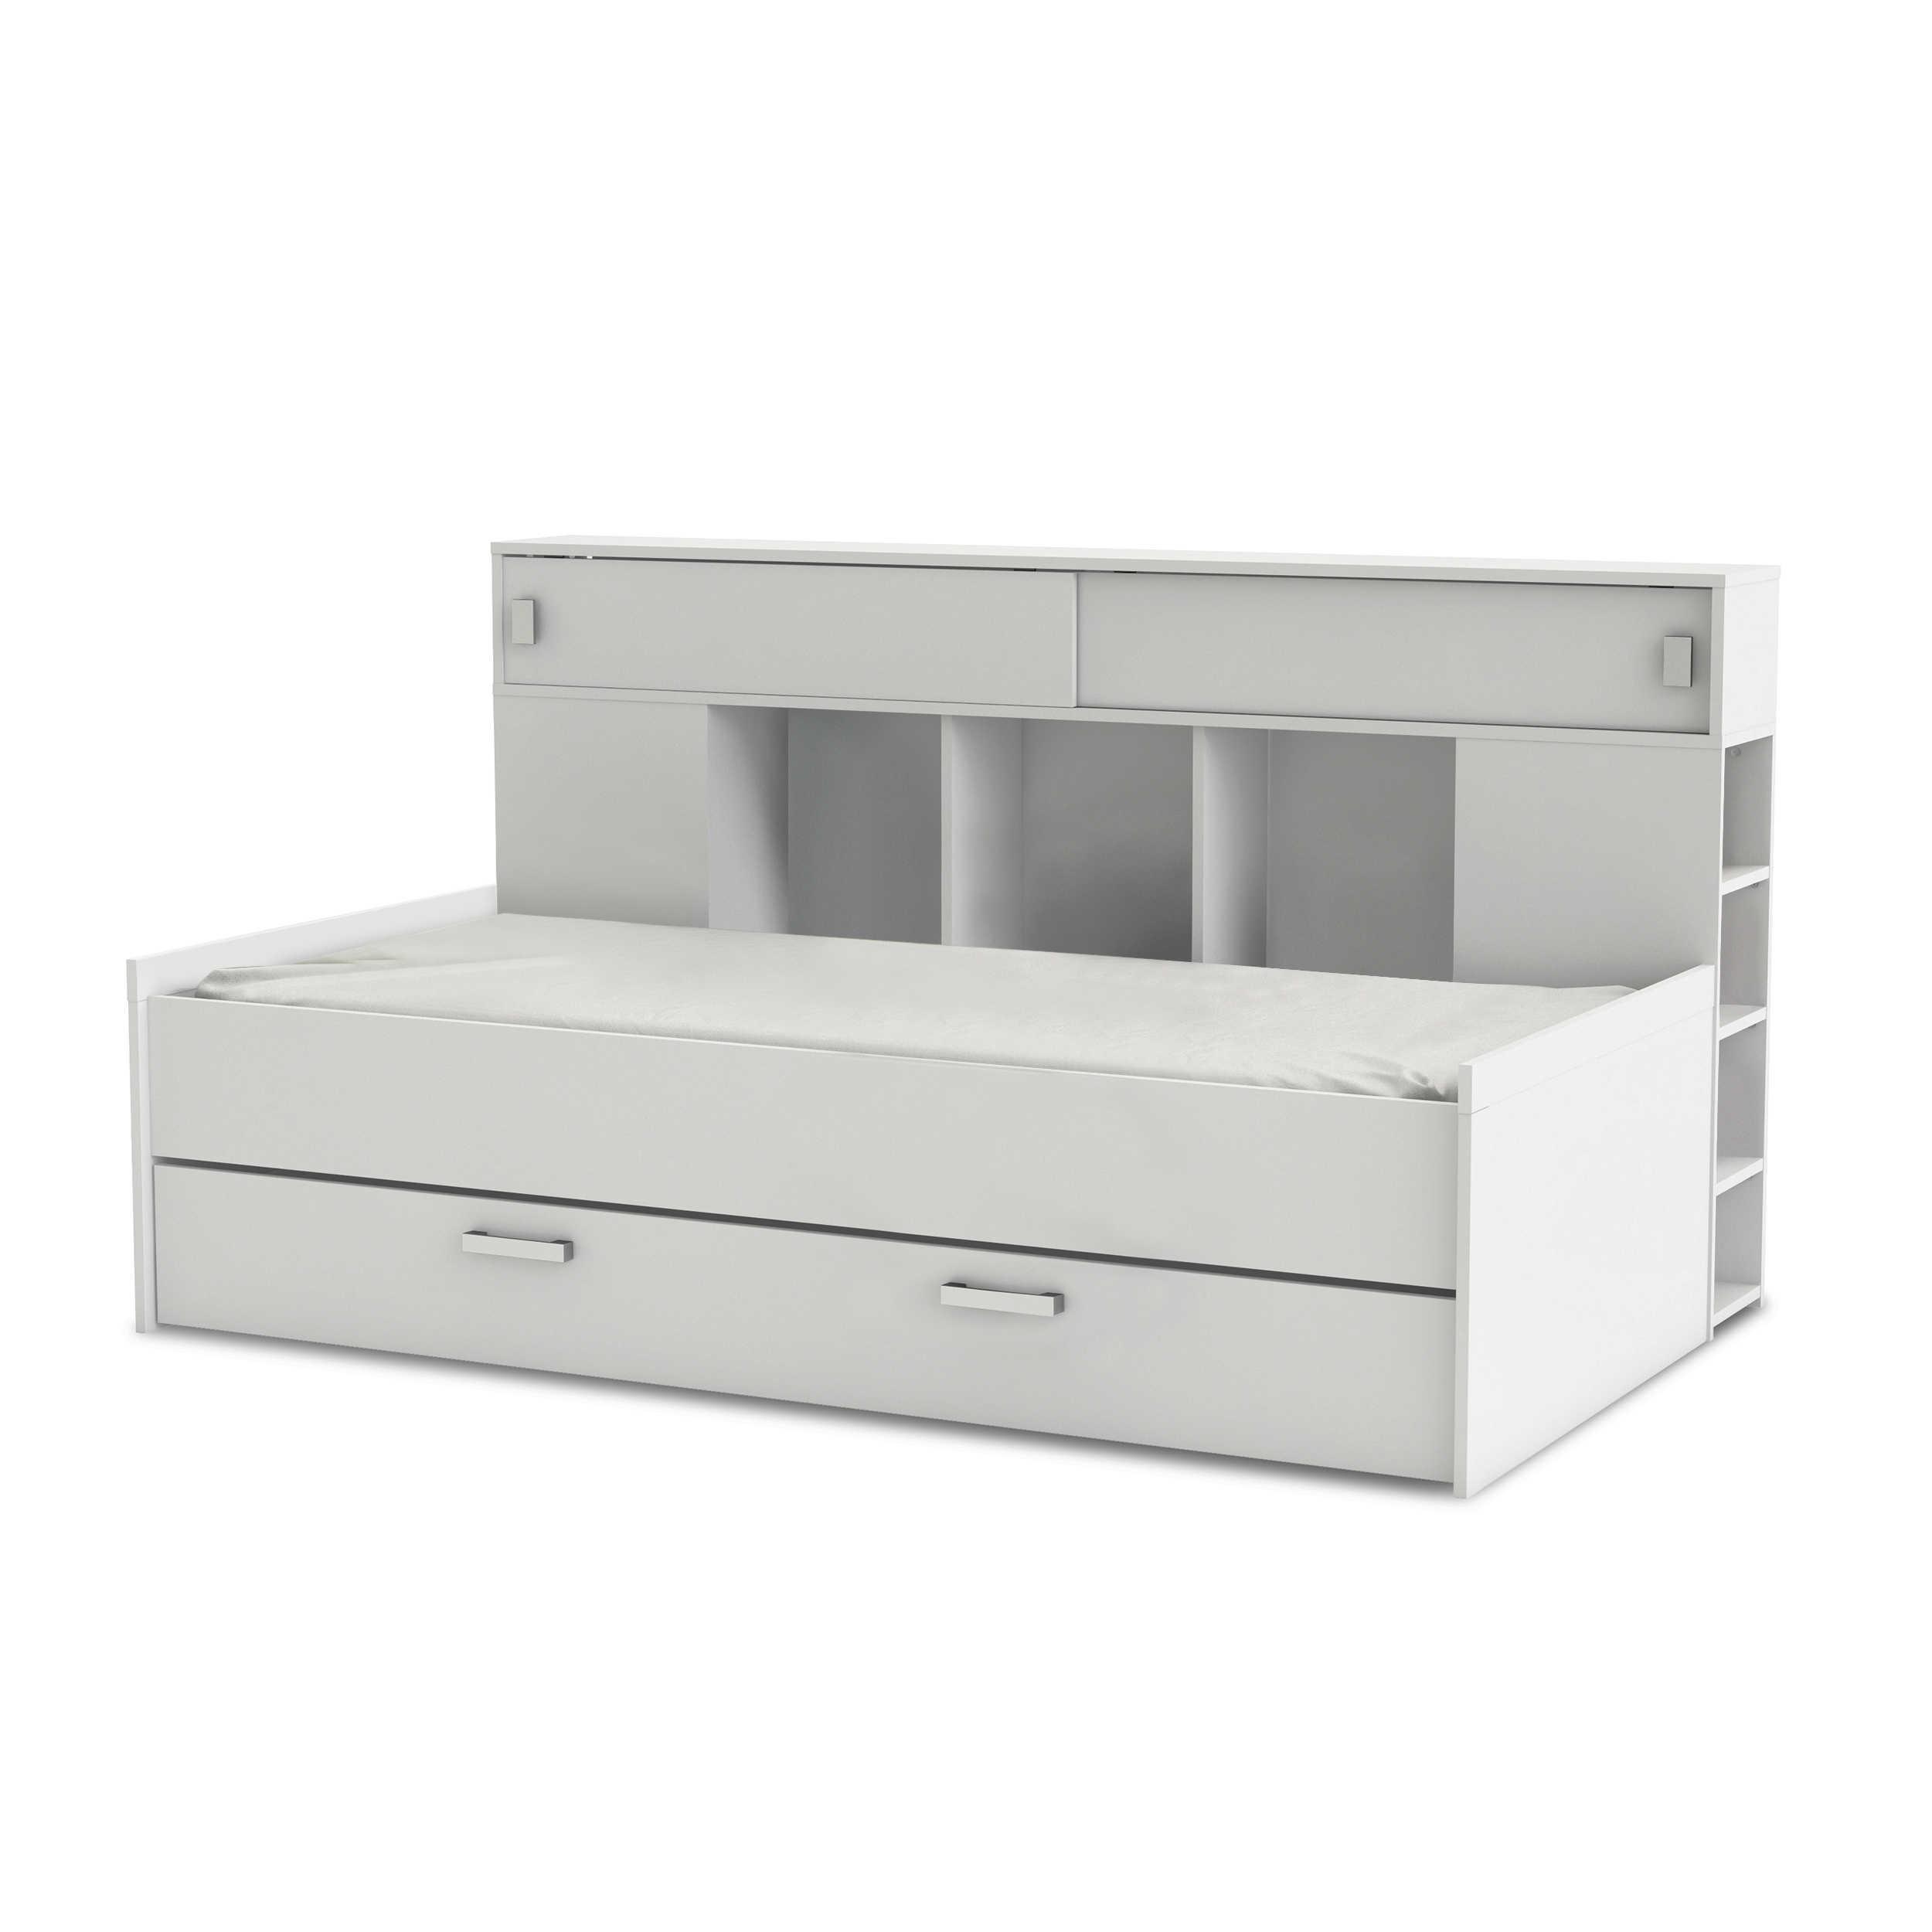 demeyere funktionsbett sherwood 90 x 200 cm wei kunststoff online kaufen bei woonio. Black Bedroom Furniture Sets. Home Design Ideas